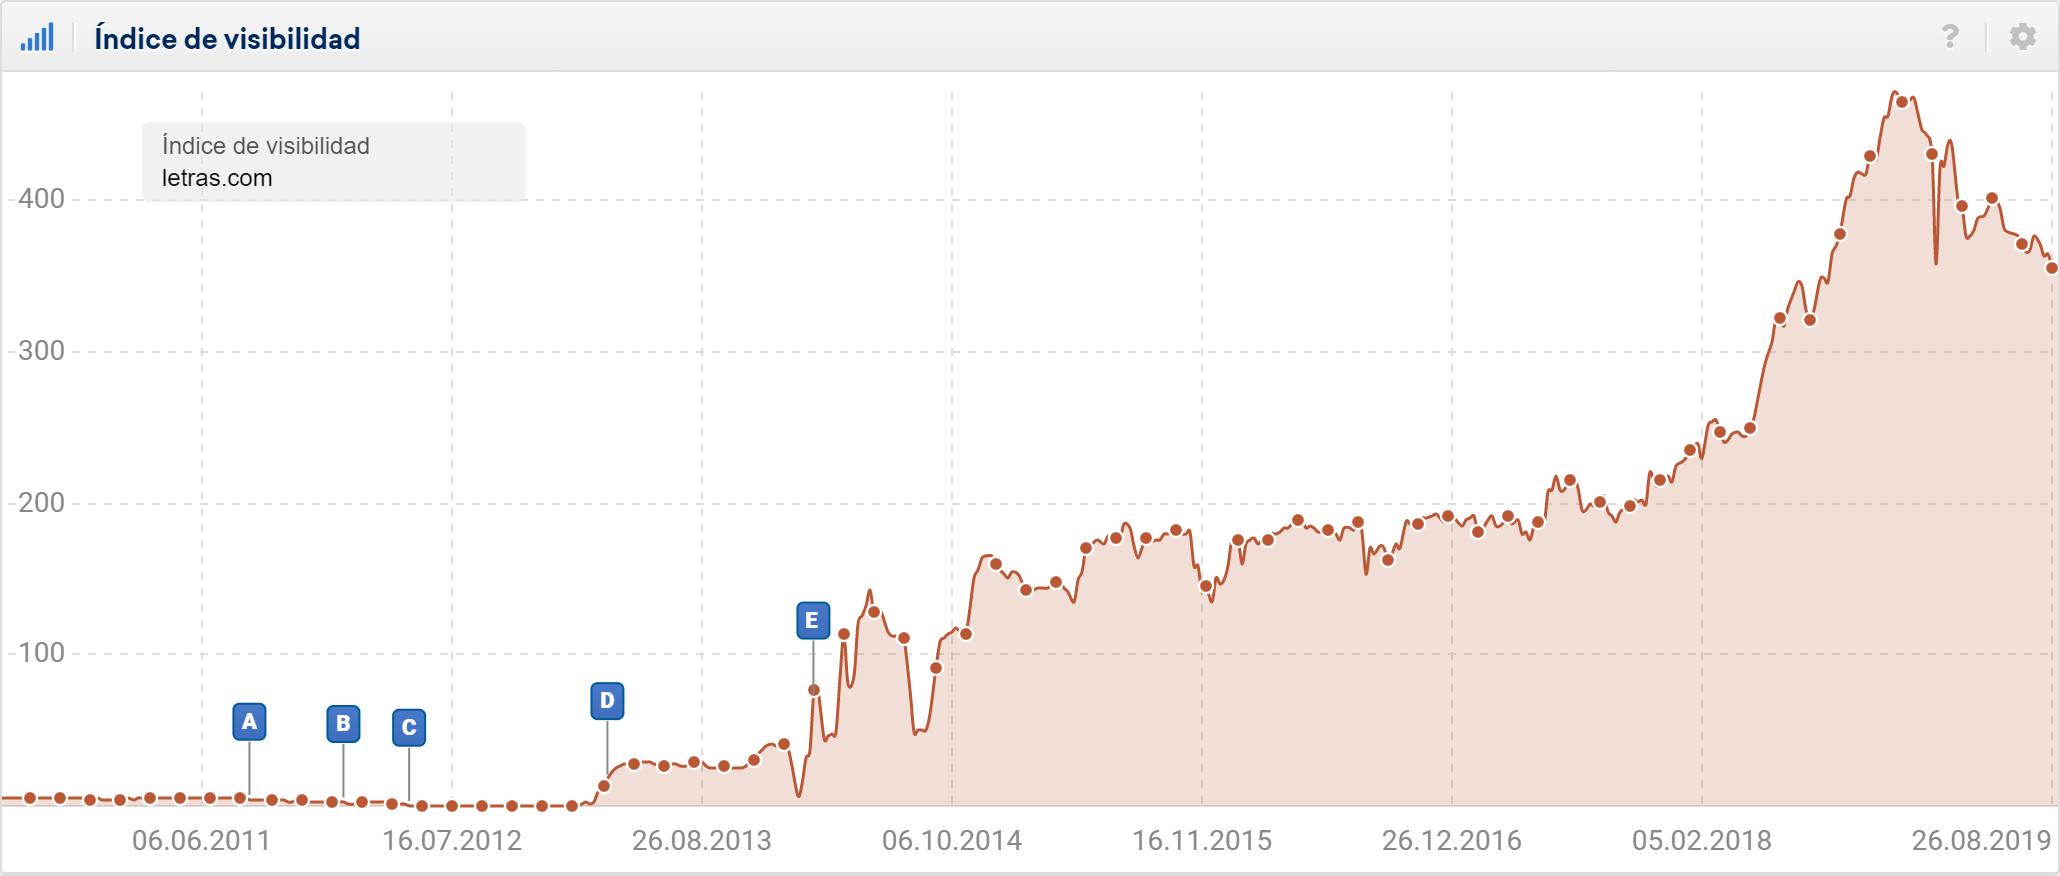 Gráfica del índice de visibilidad del dominio letras.com en Google España desde 2011 hasta agosto de 2019 con un crecimiento positivo.